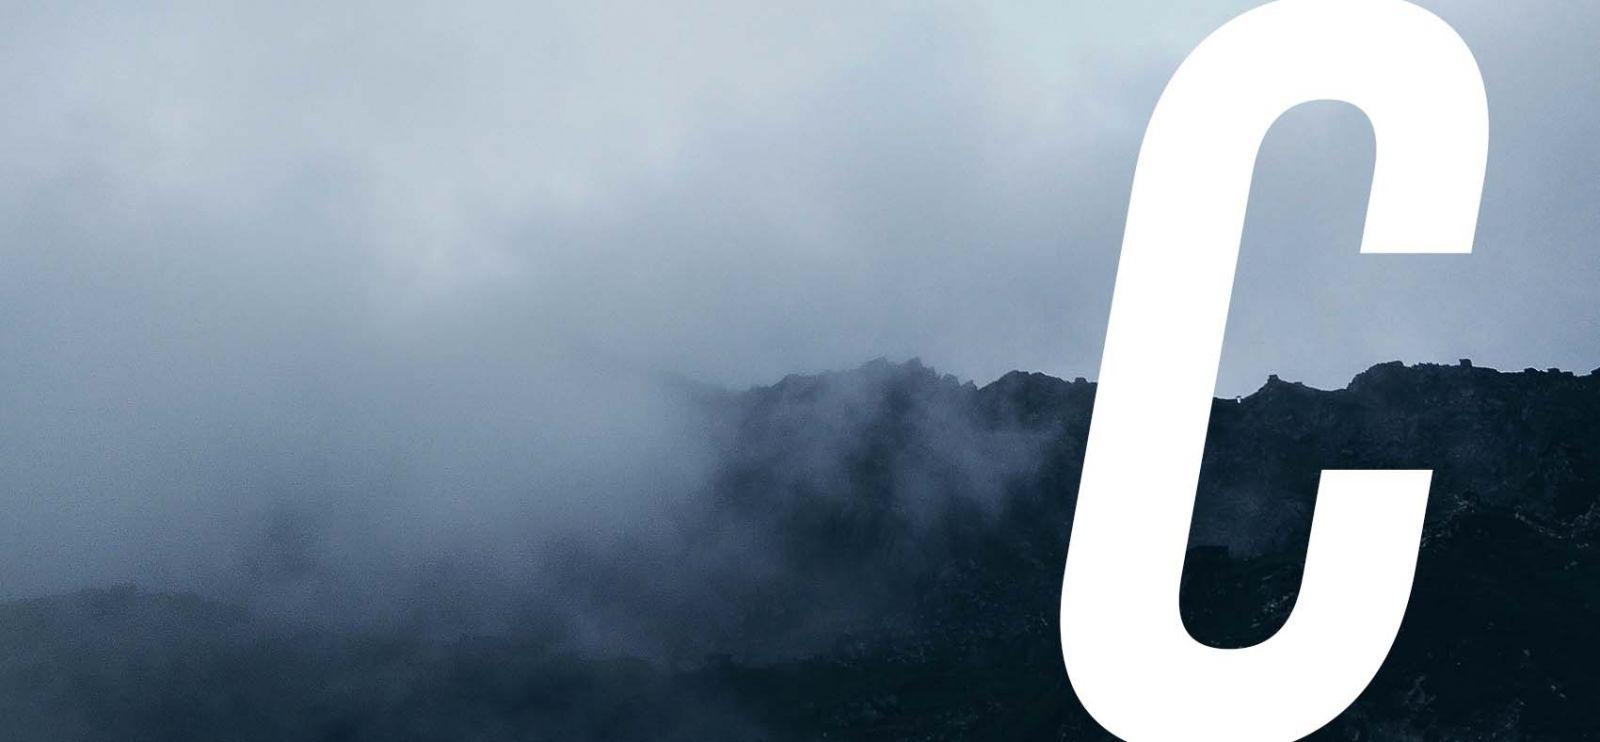 Sötét ködös és felhős hegyvidék